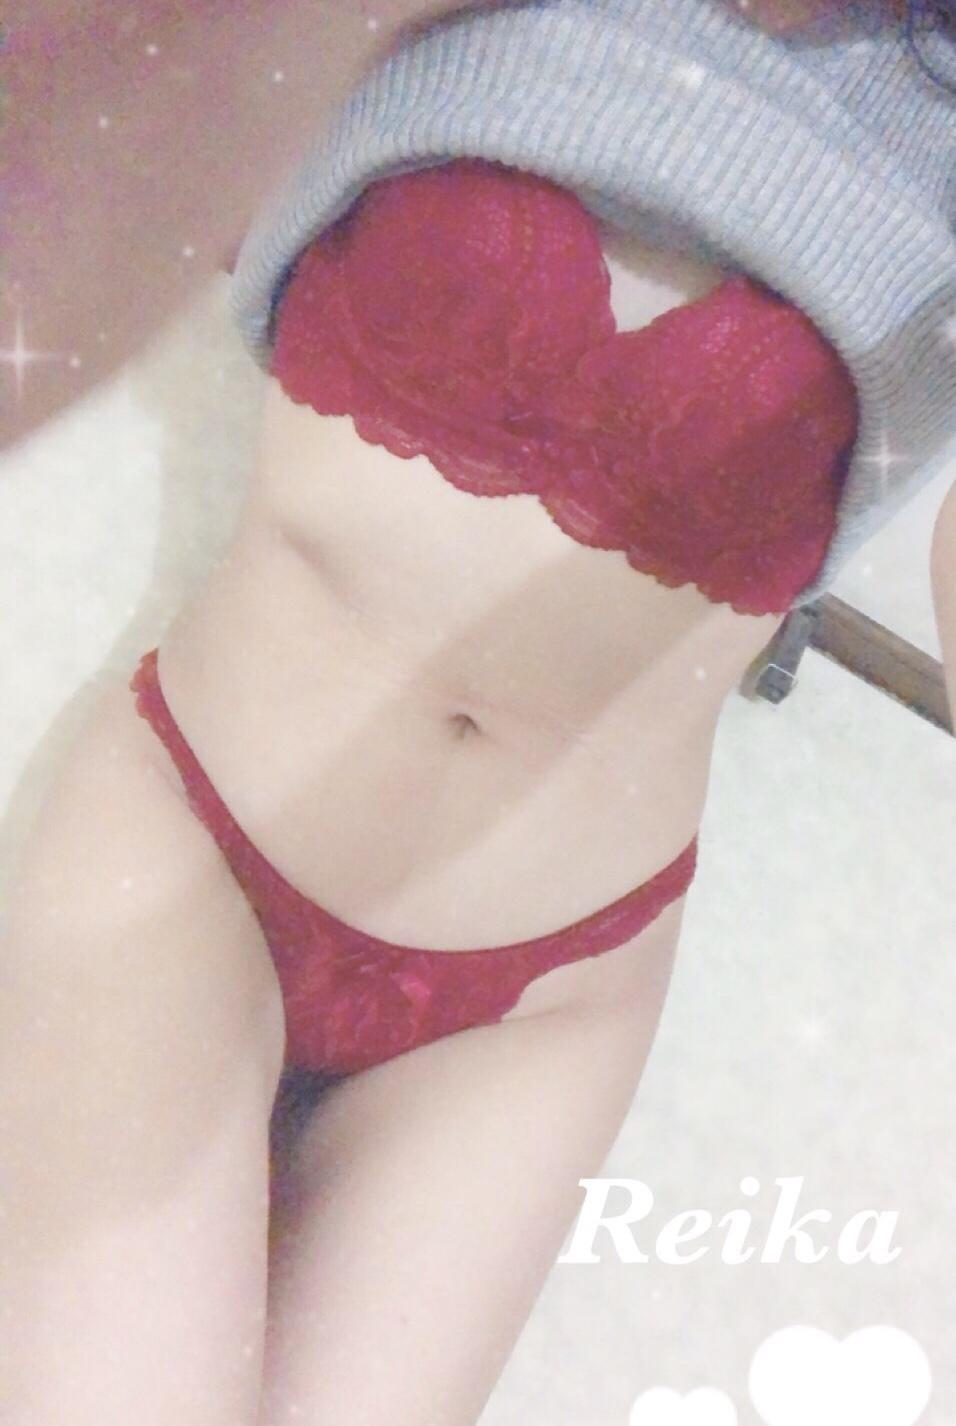 「Good morning ;D」10/14(日) 07:52 | 西崎 れいかの写メ・風俗動画